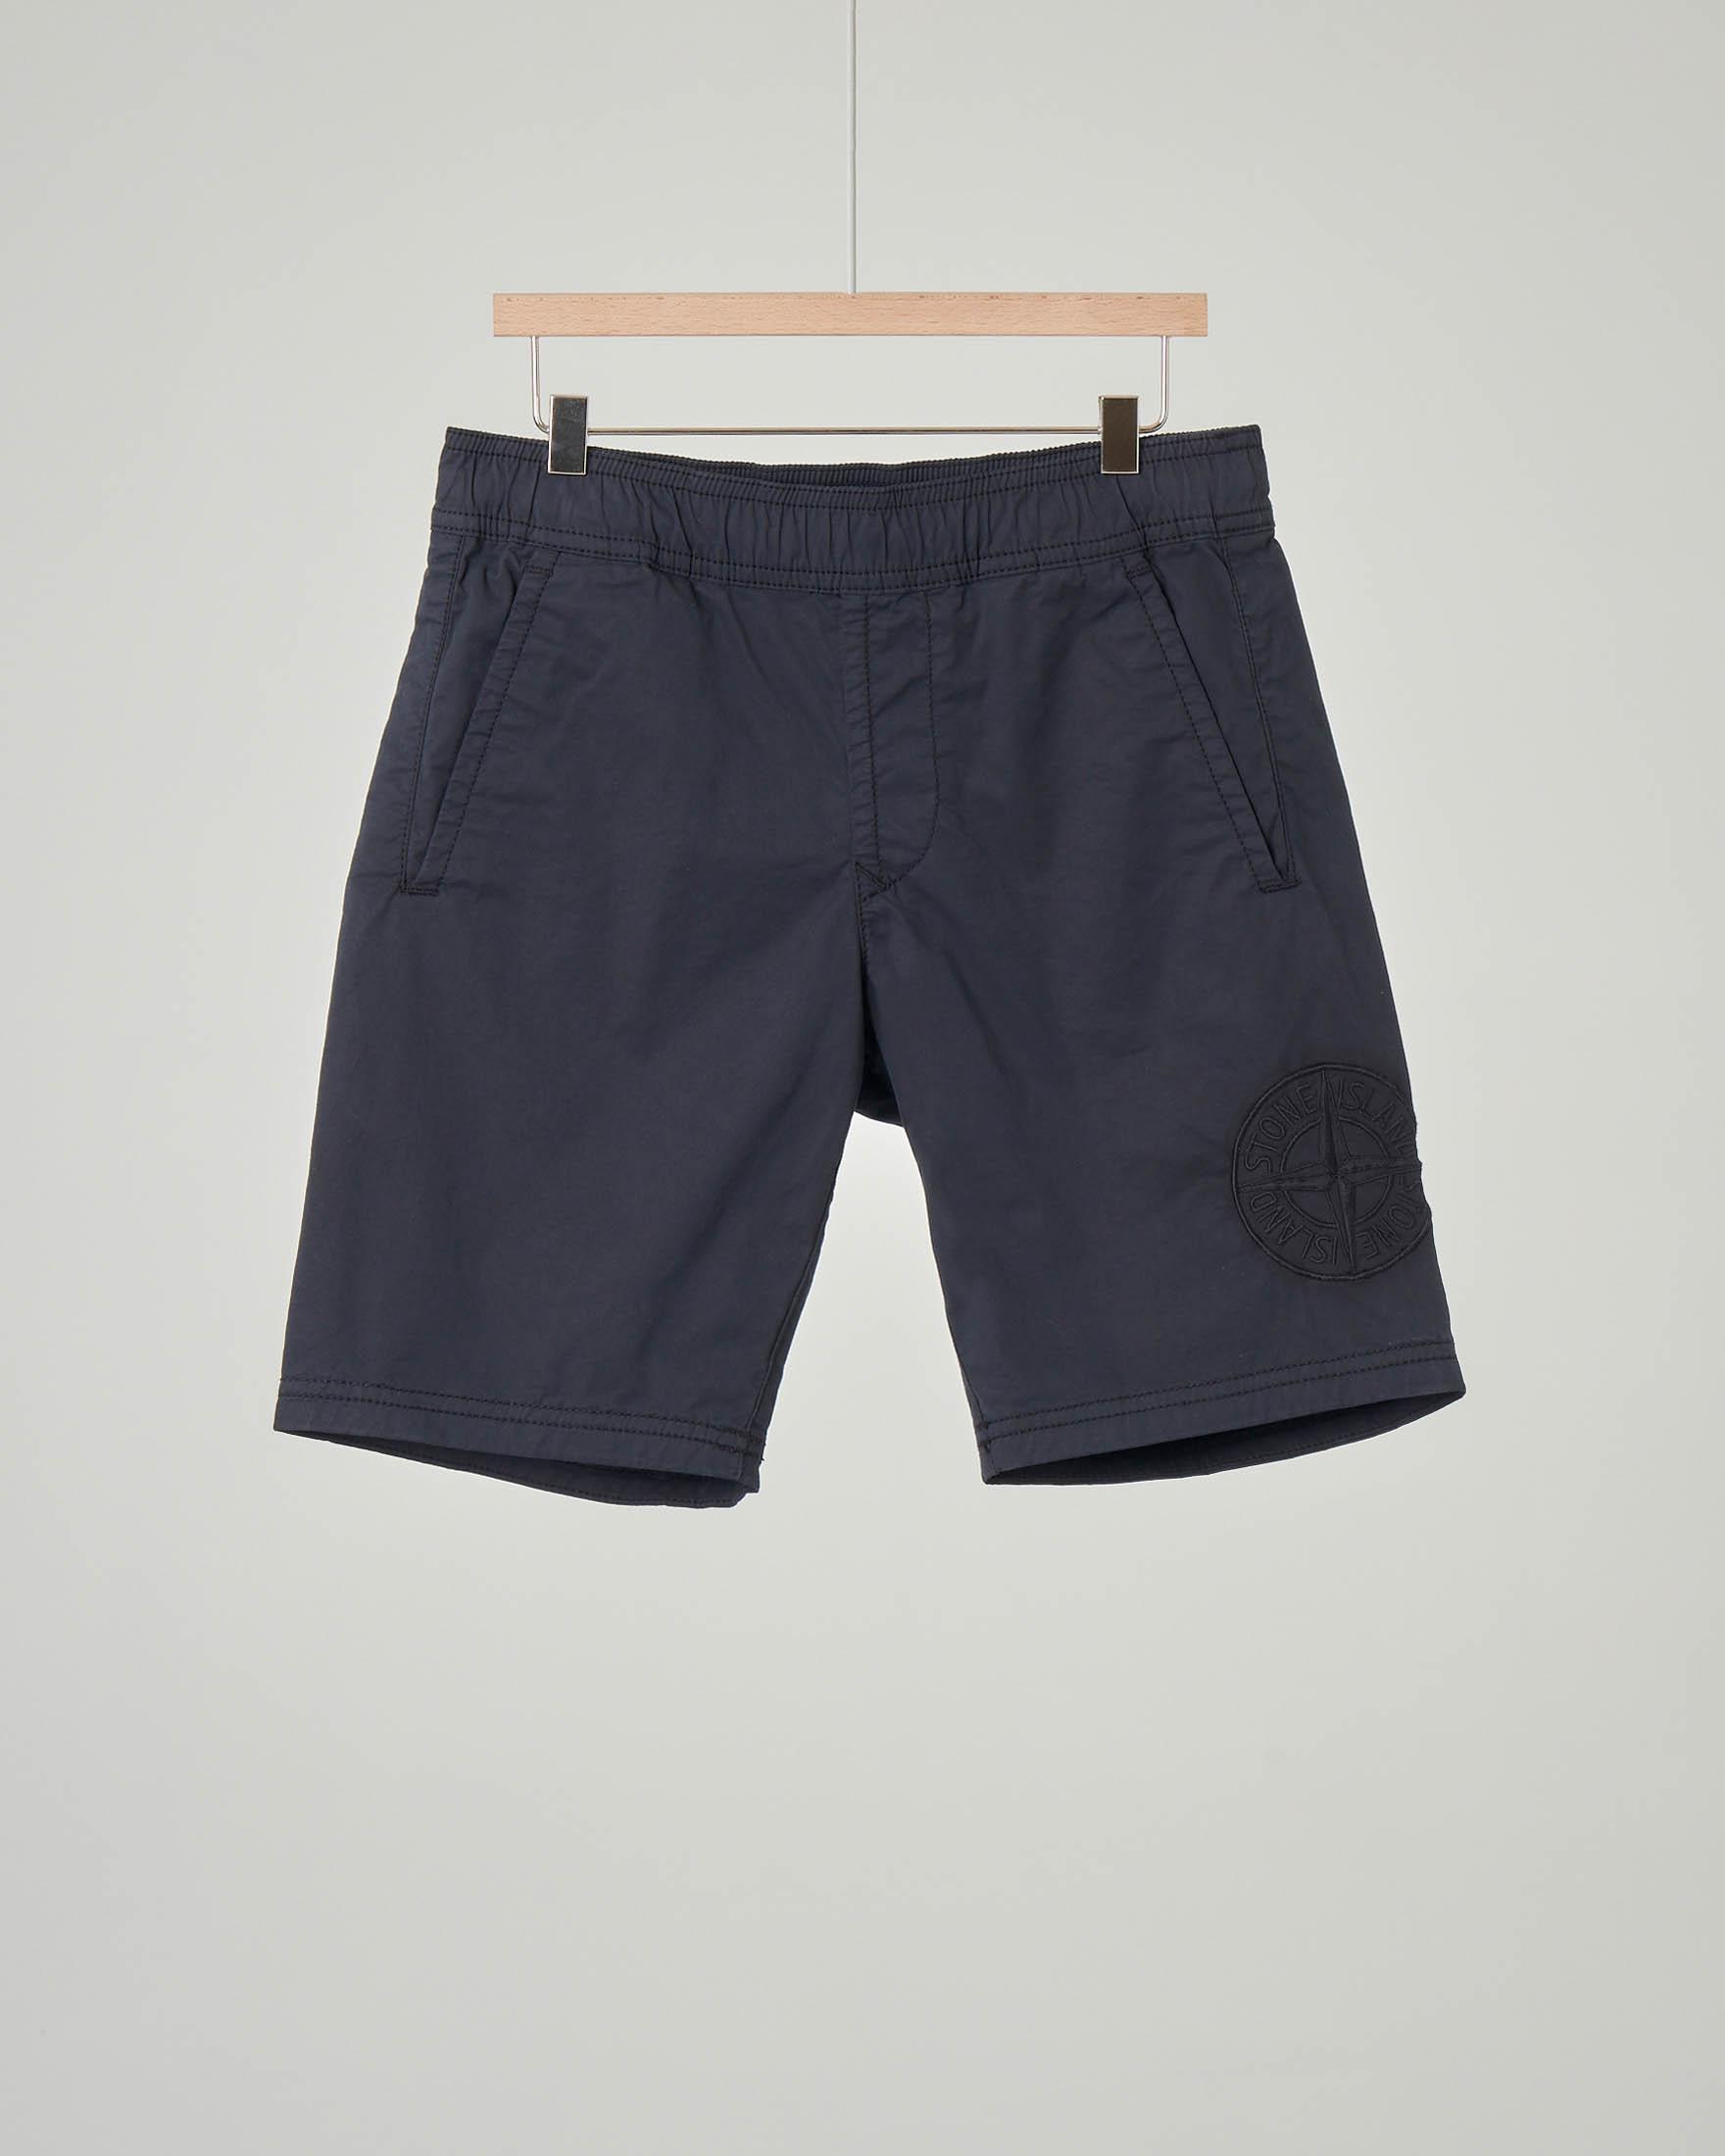 Bermuda blu in cotone stretch con elastico in vita 8 anni